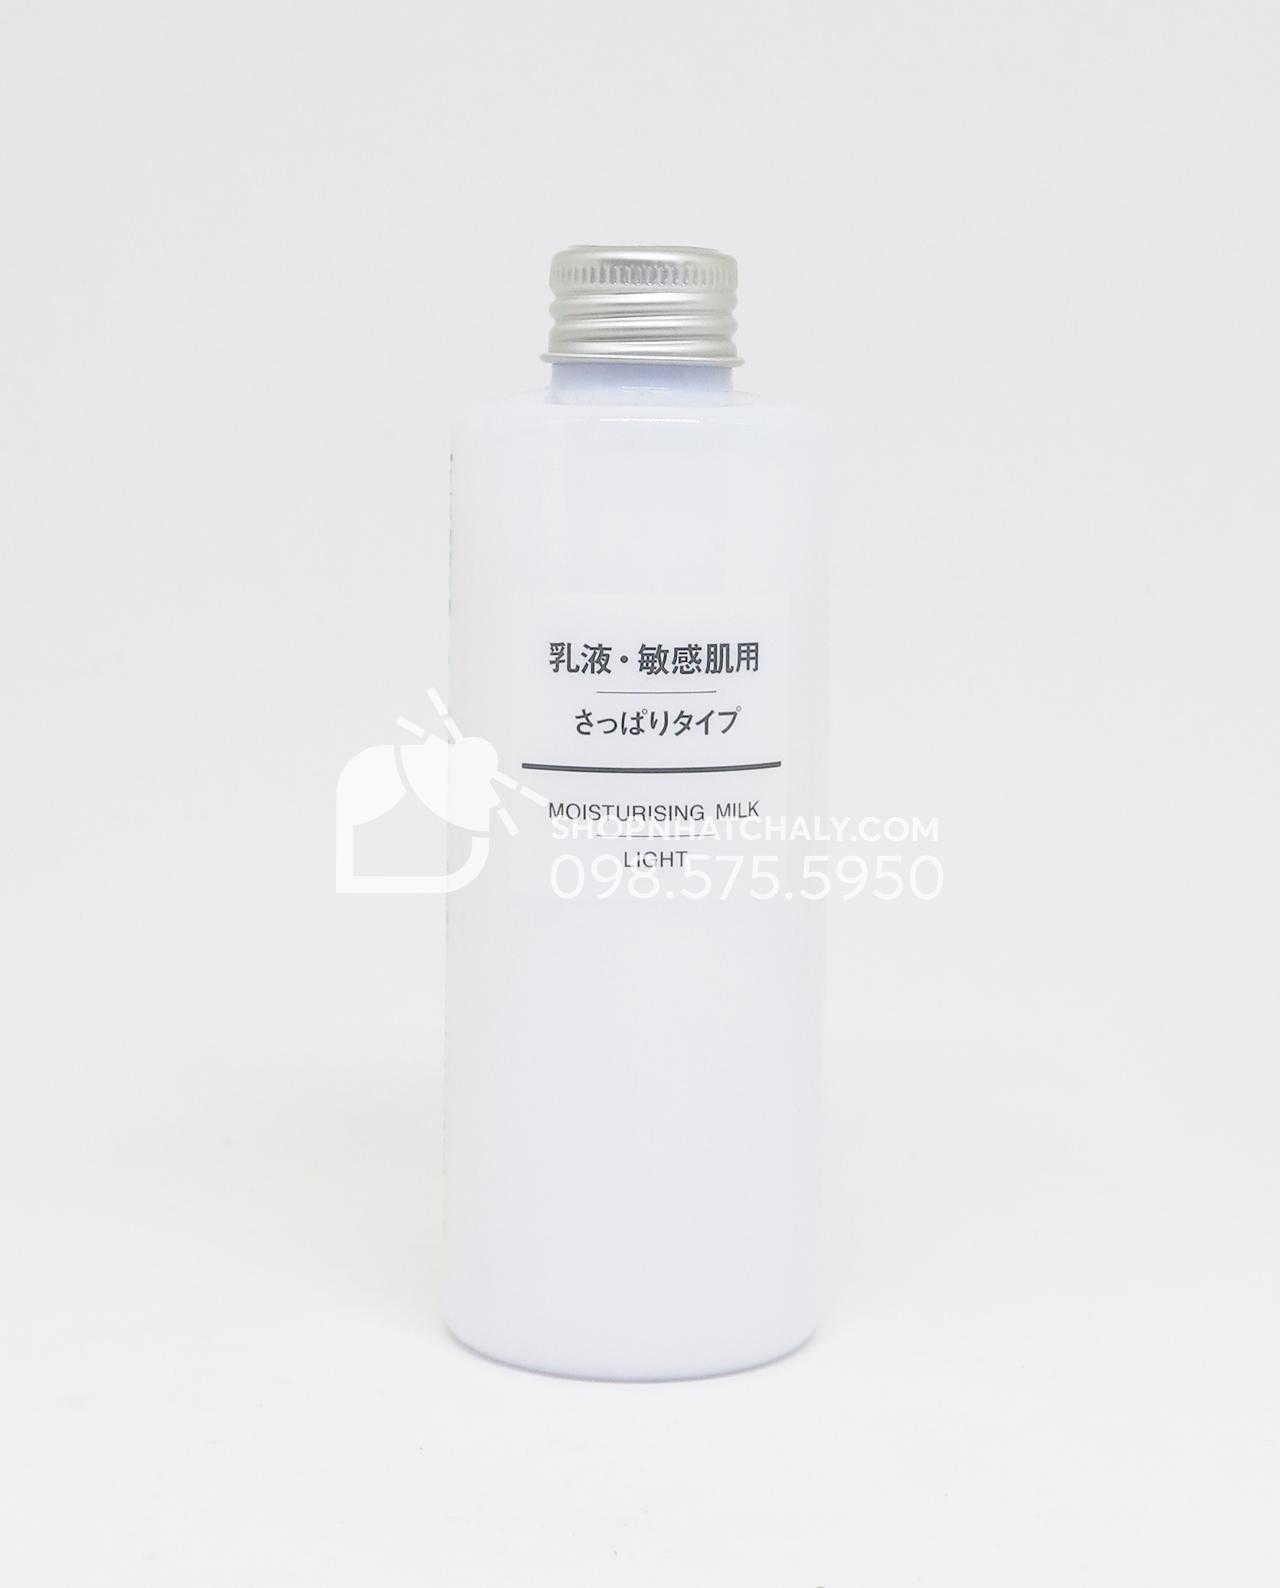 Sữa dưỡng da Muji Moisturising Light có độ dưỡng ẩm nhẹ nhất, dành cho da hỗn hợp – da dầu, da thiếu ẩm.